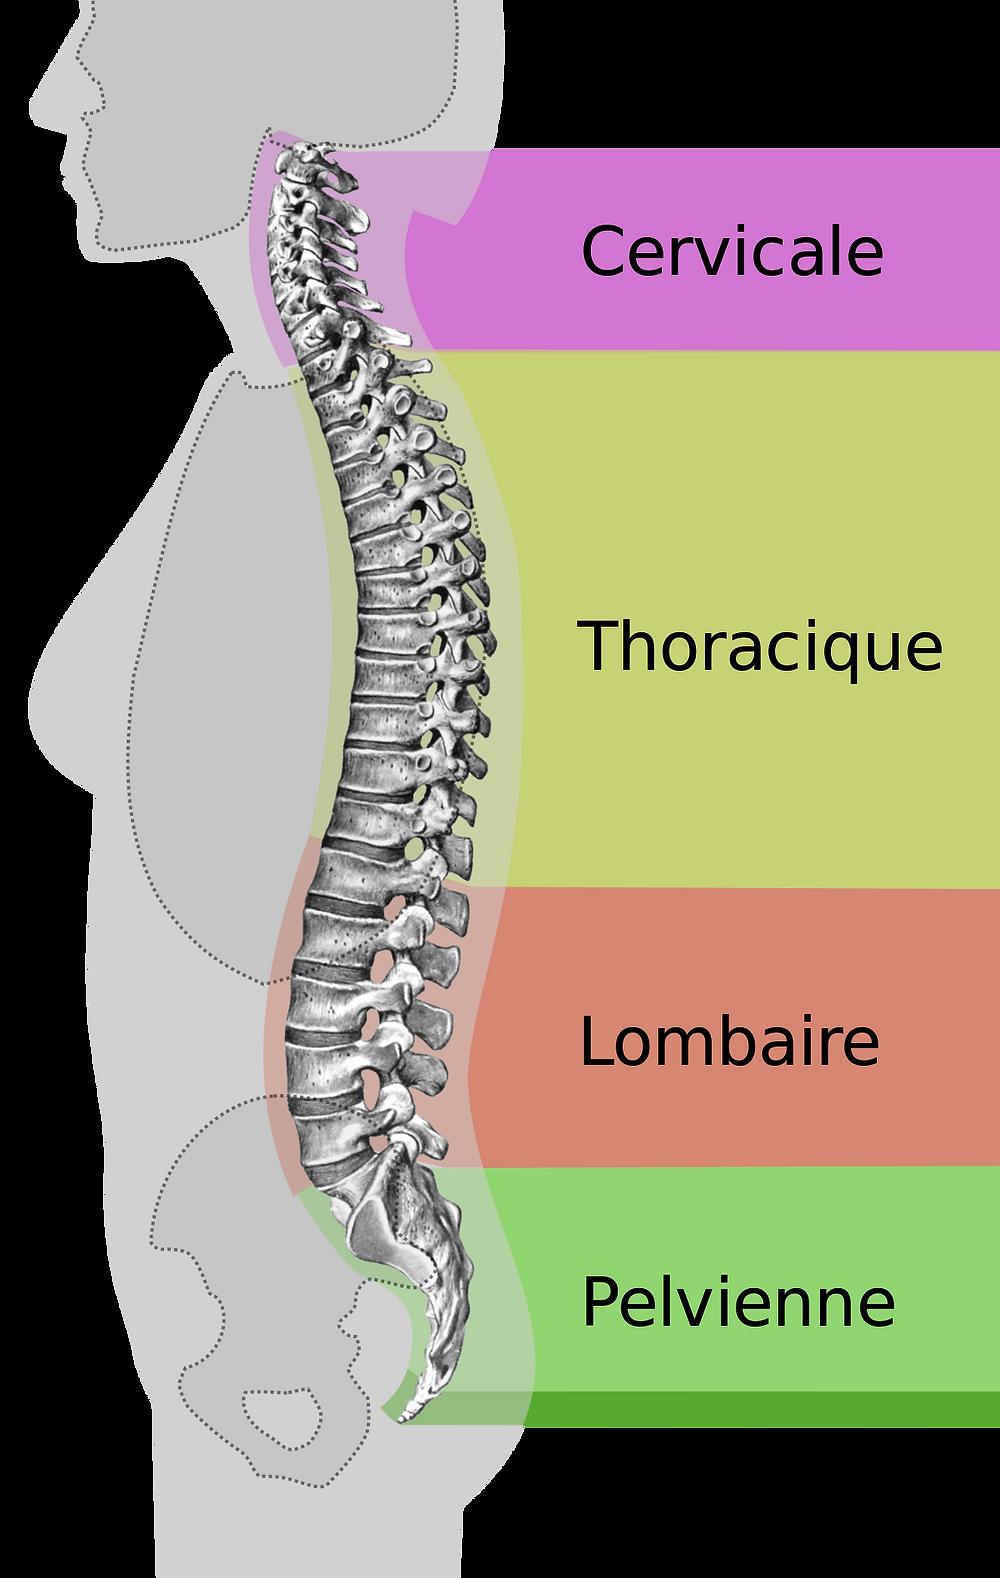 Description de la colonne vertébrale et des maux associées